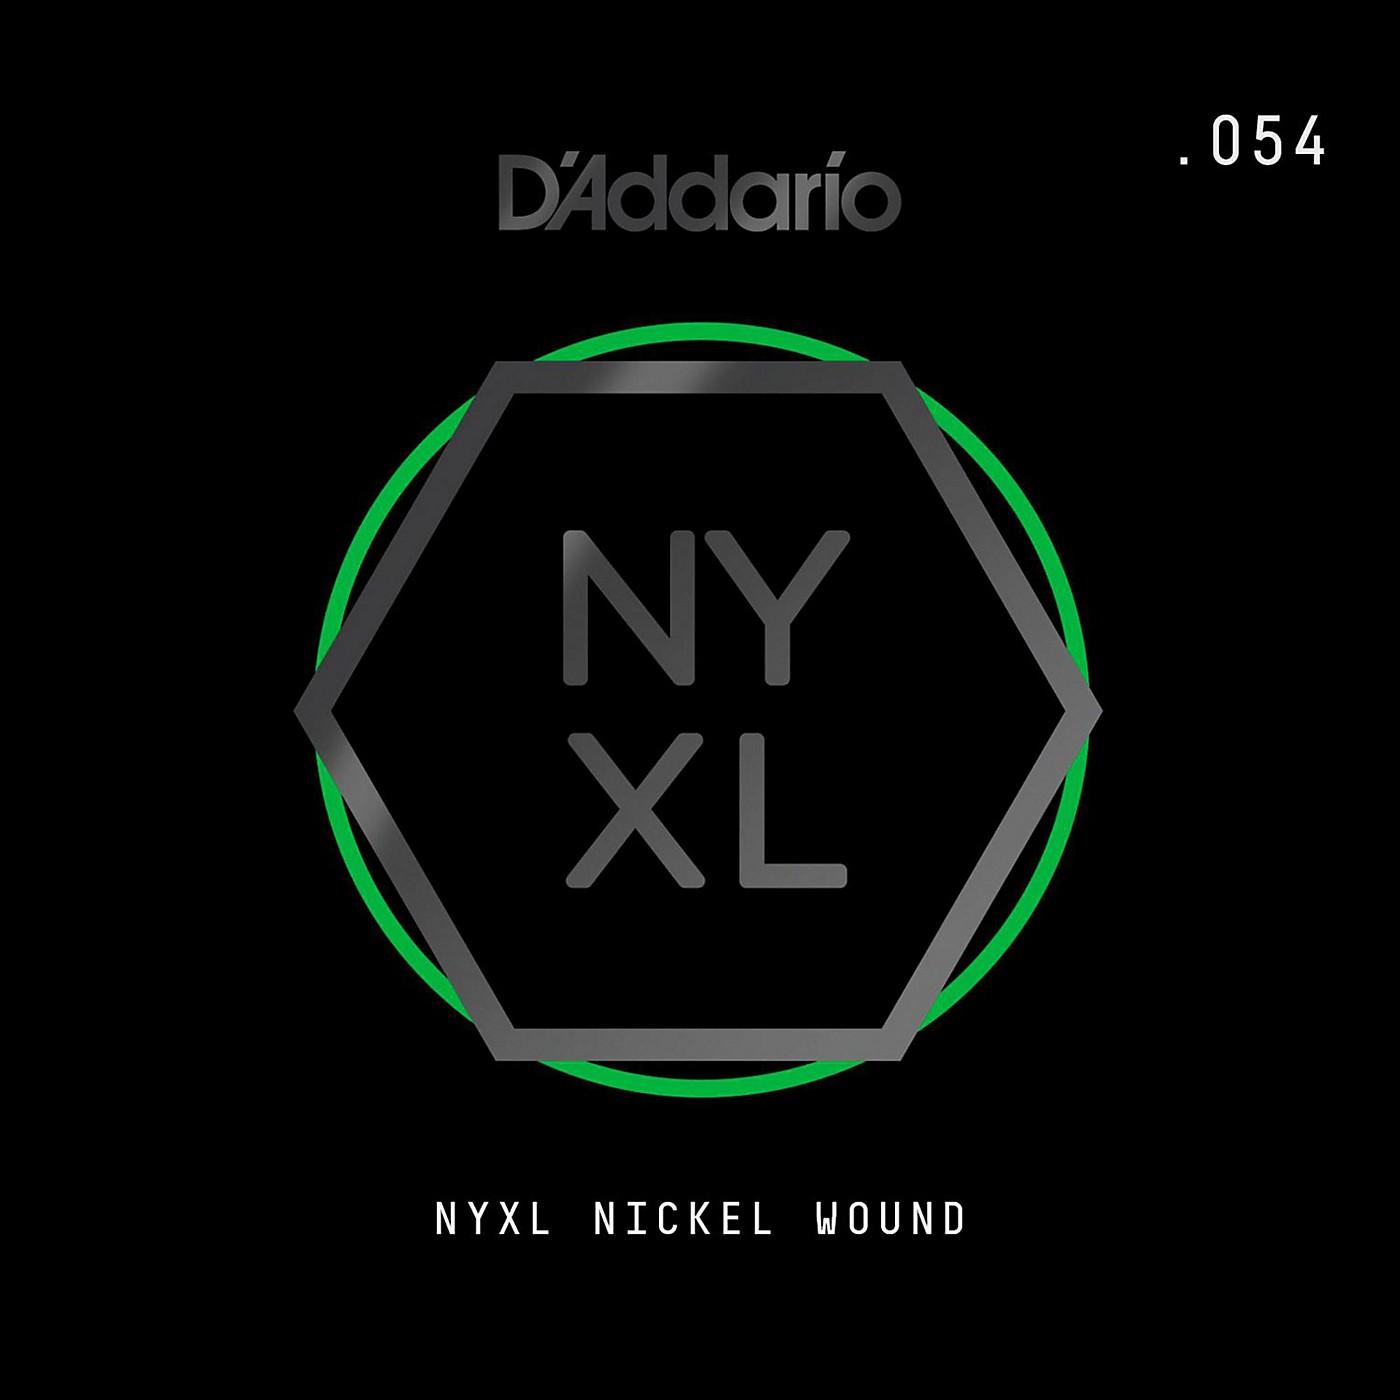 D'Addario NYNW054 NYXL Nickel Wound Electric Guitar Single String, .054 thumbnail